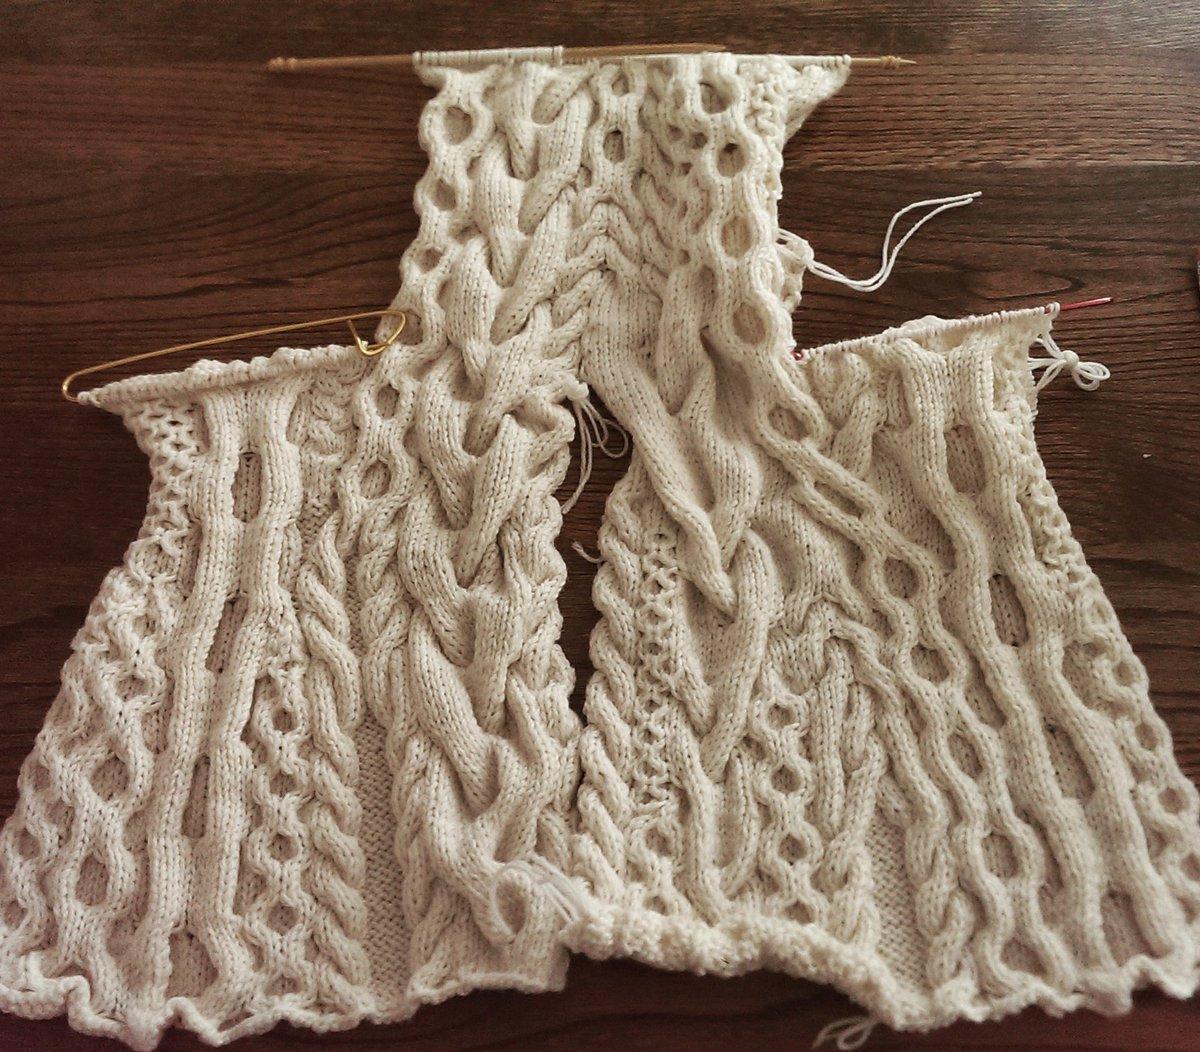 img 5a72ab43168b6 - 手作りって良いよね!初めての編み物の知識